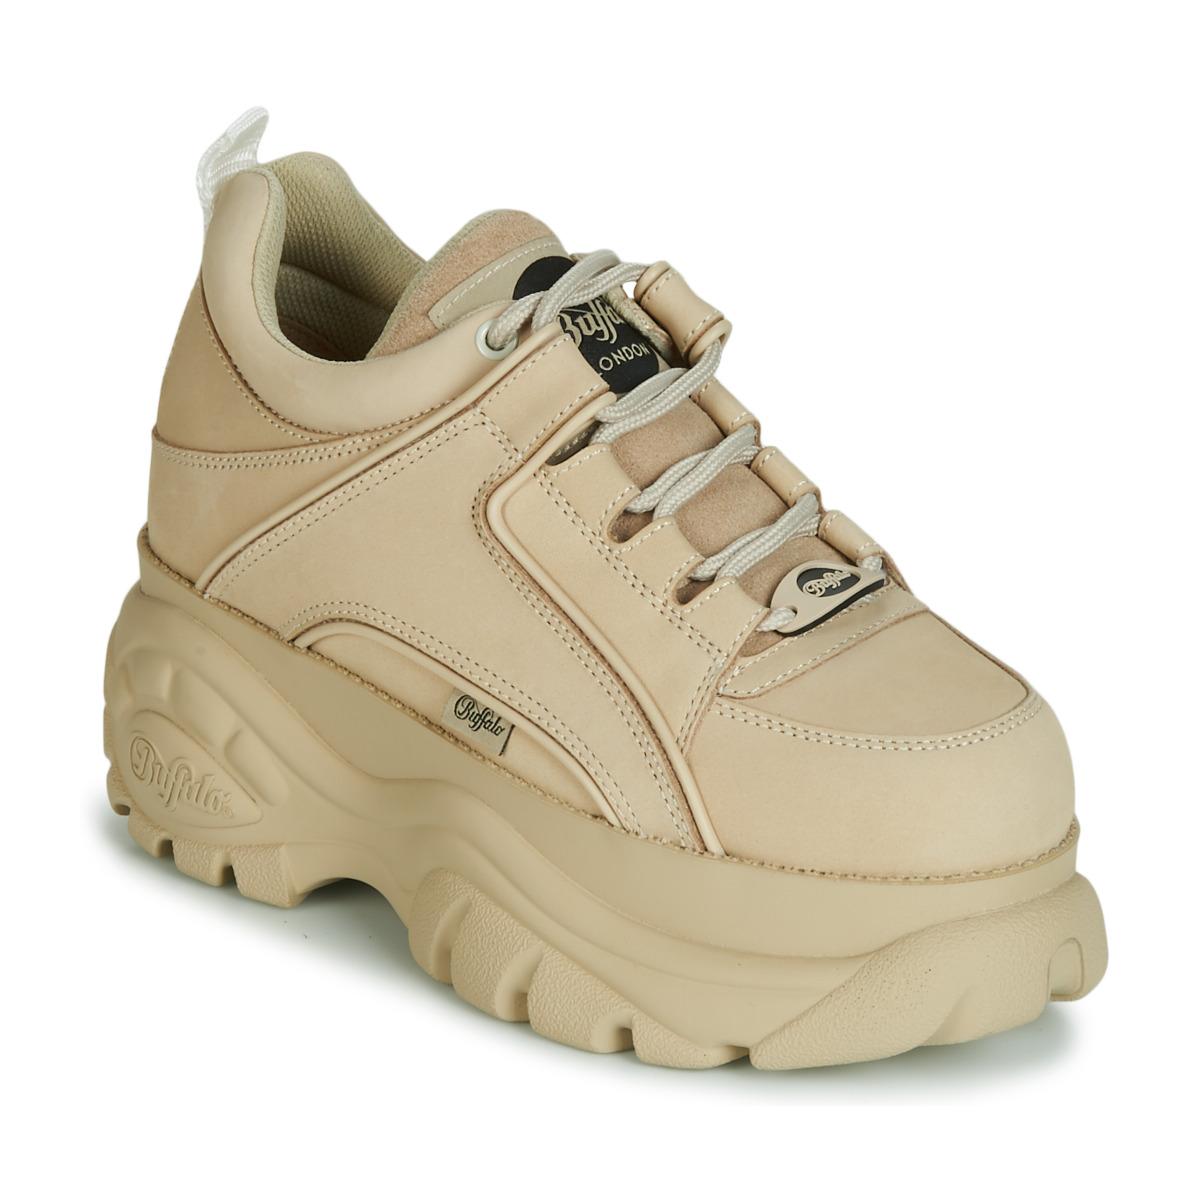 prodotti caldi morbido e leggero vendita all'ingrosso scarpe